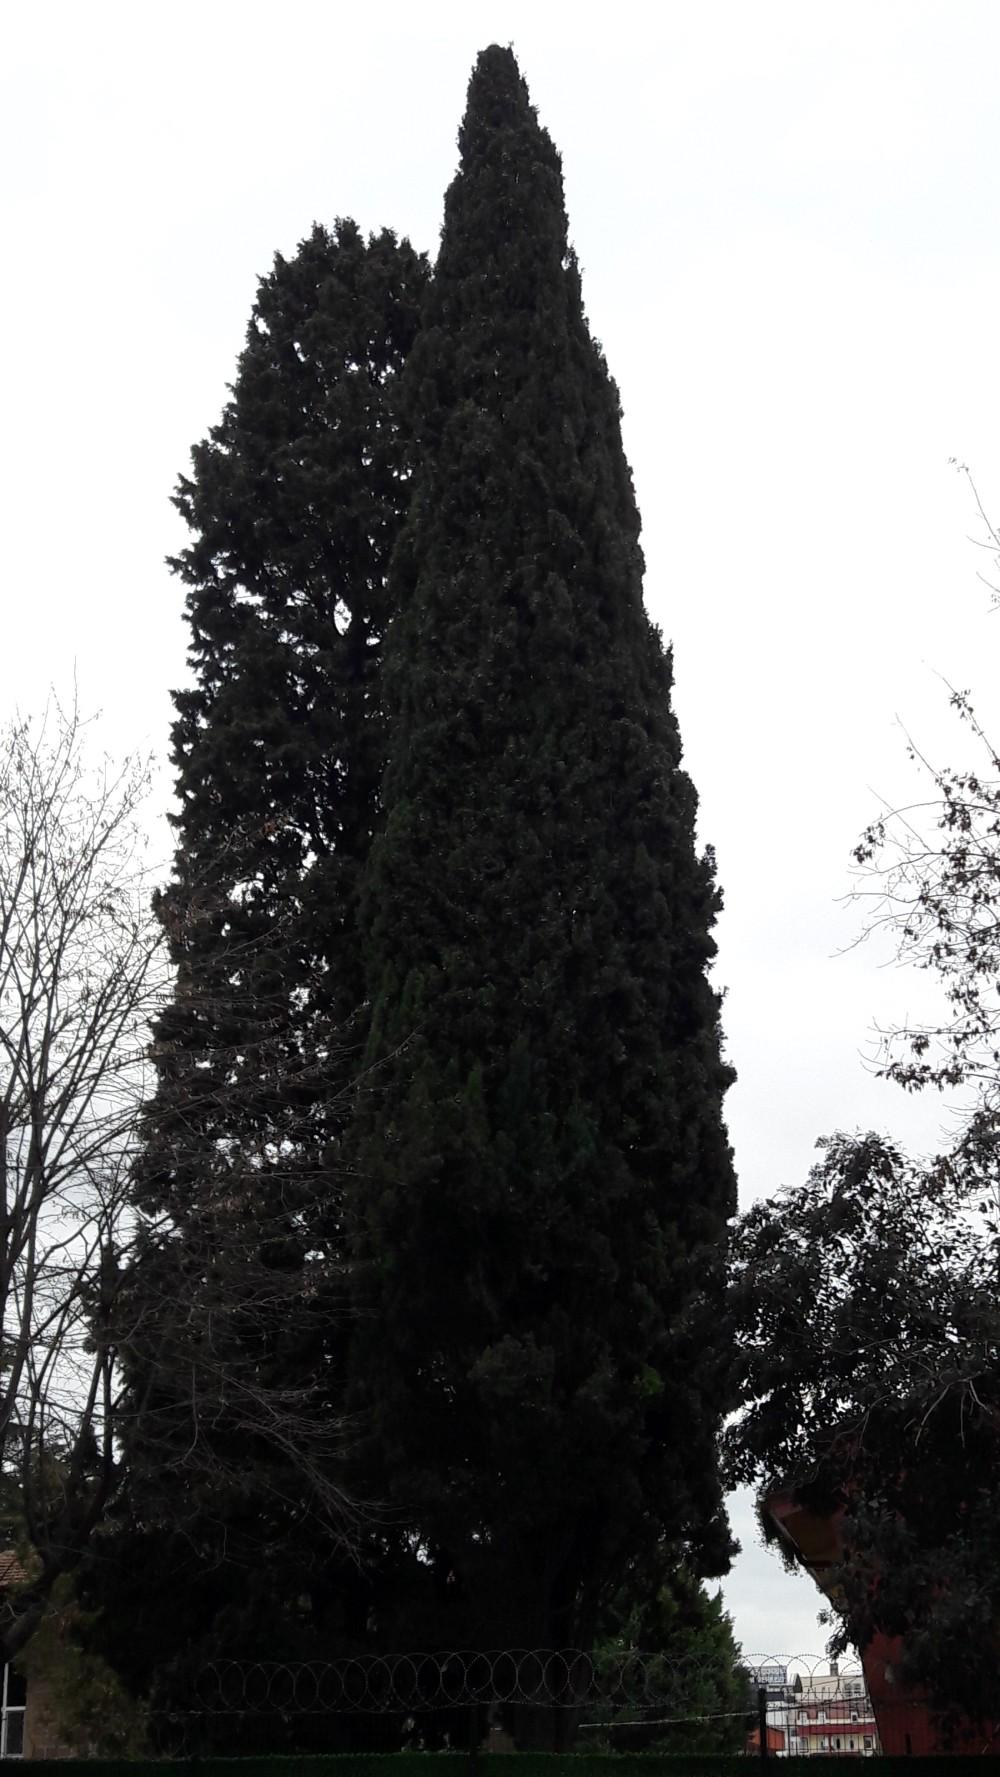 Turk Cypress